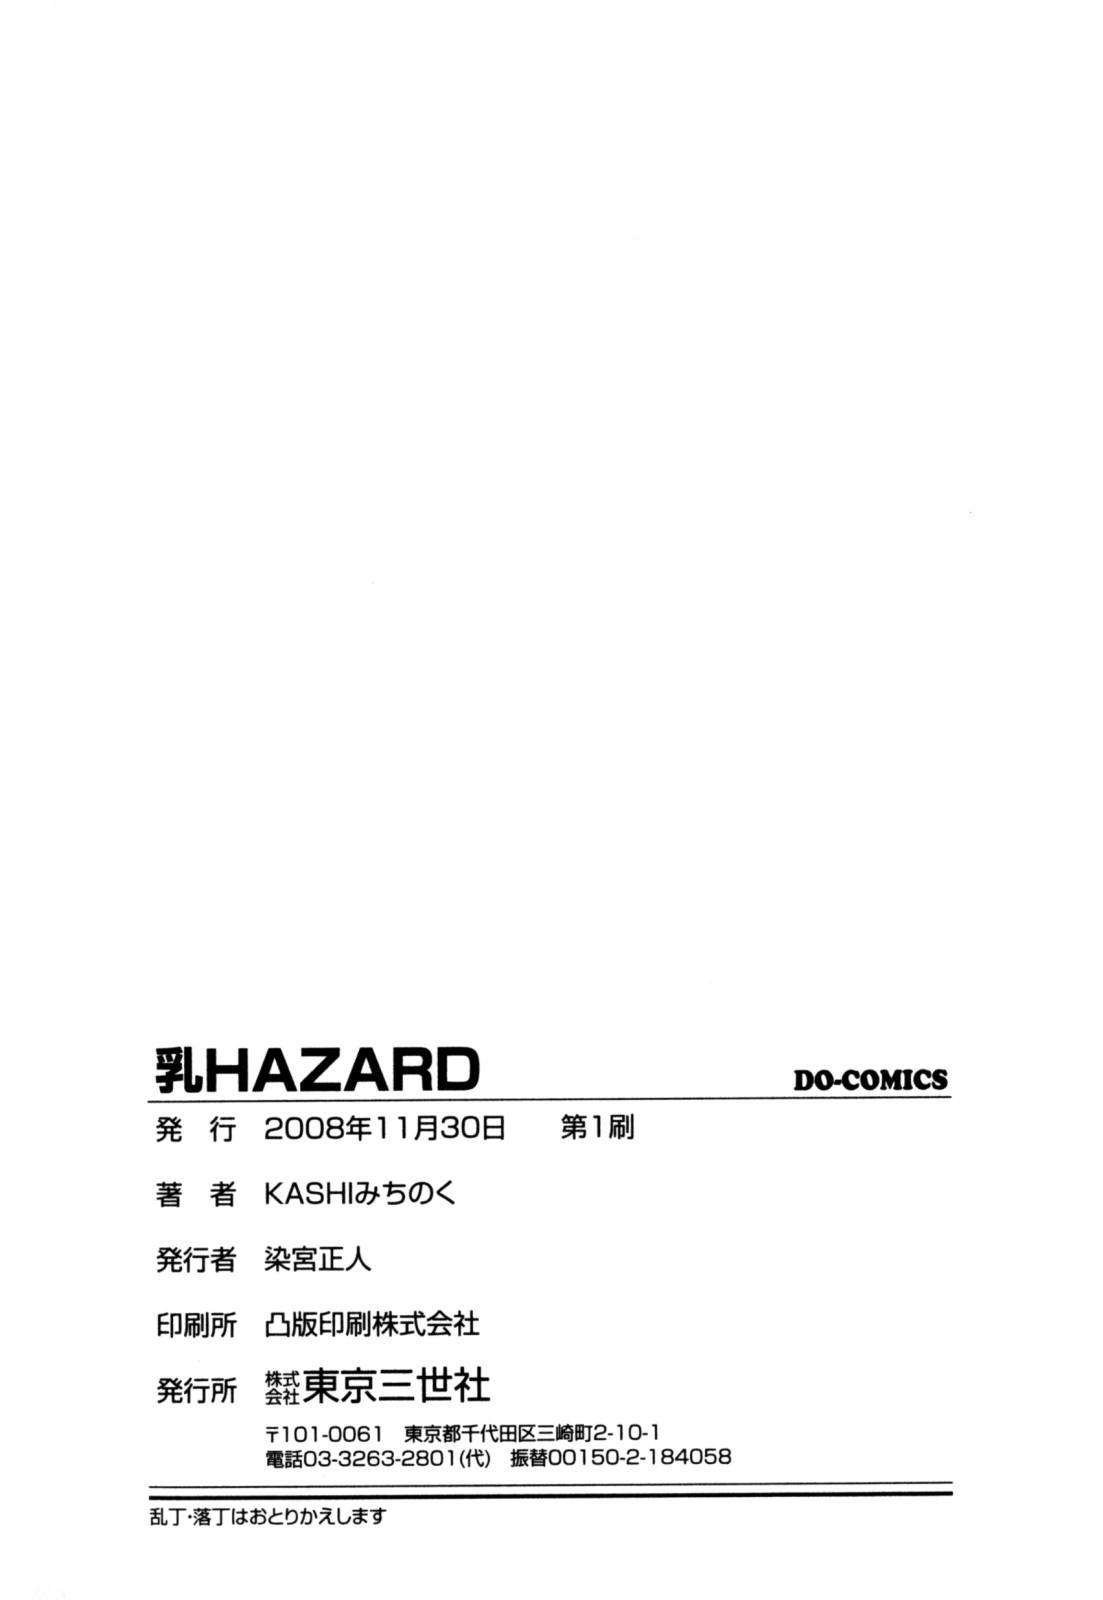 New Hazard 166